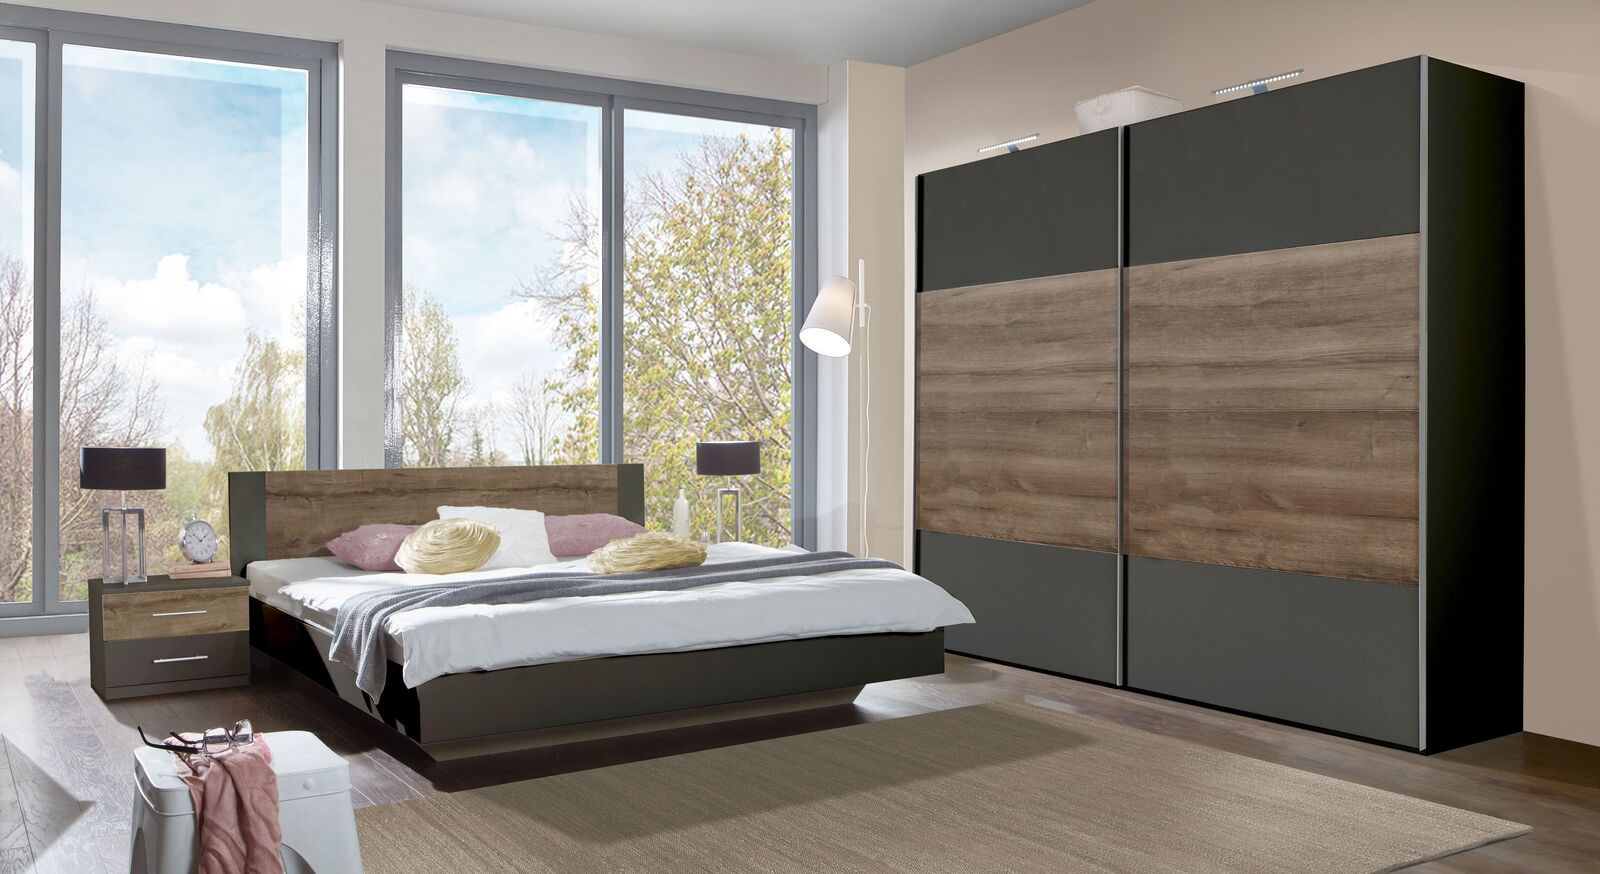 Komplett-Schlafzimmer Lika preiswert online erhältlich